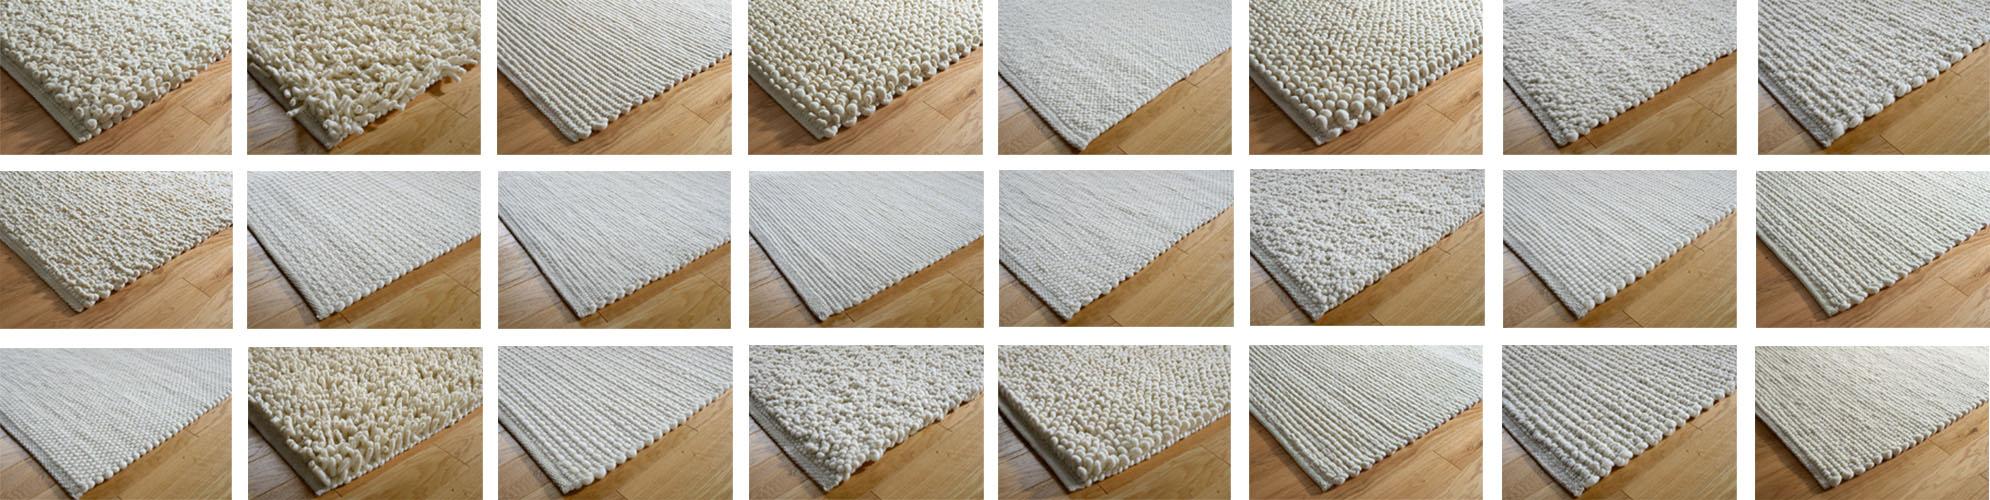 Tisca Teppich Strukturen